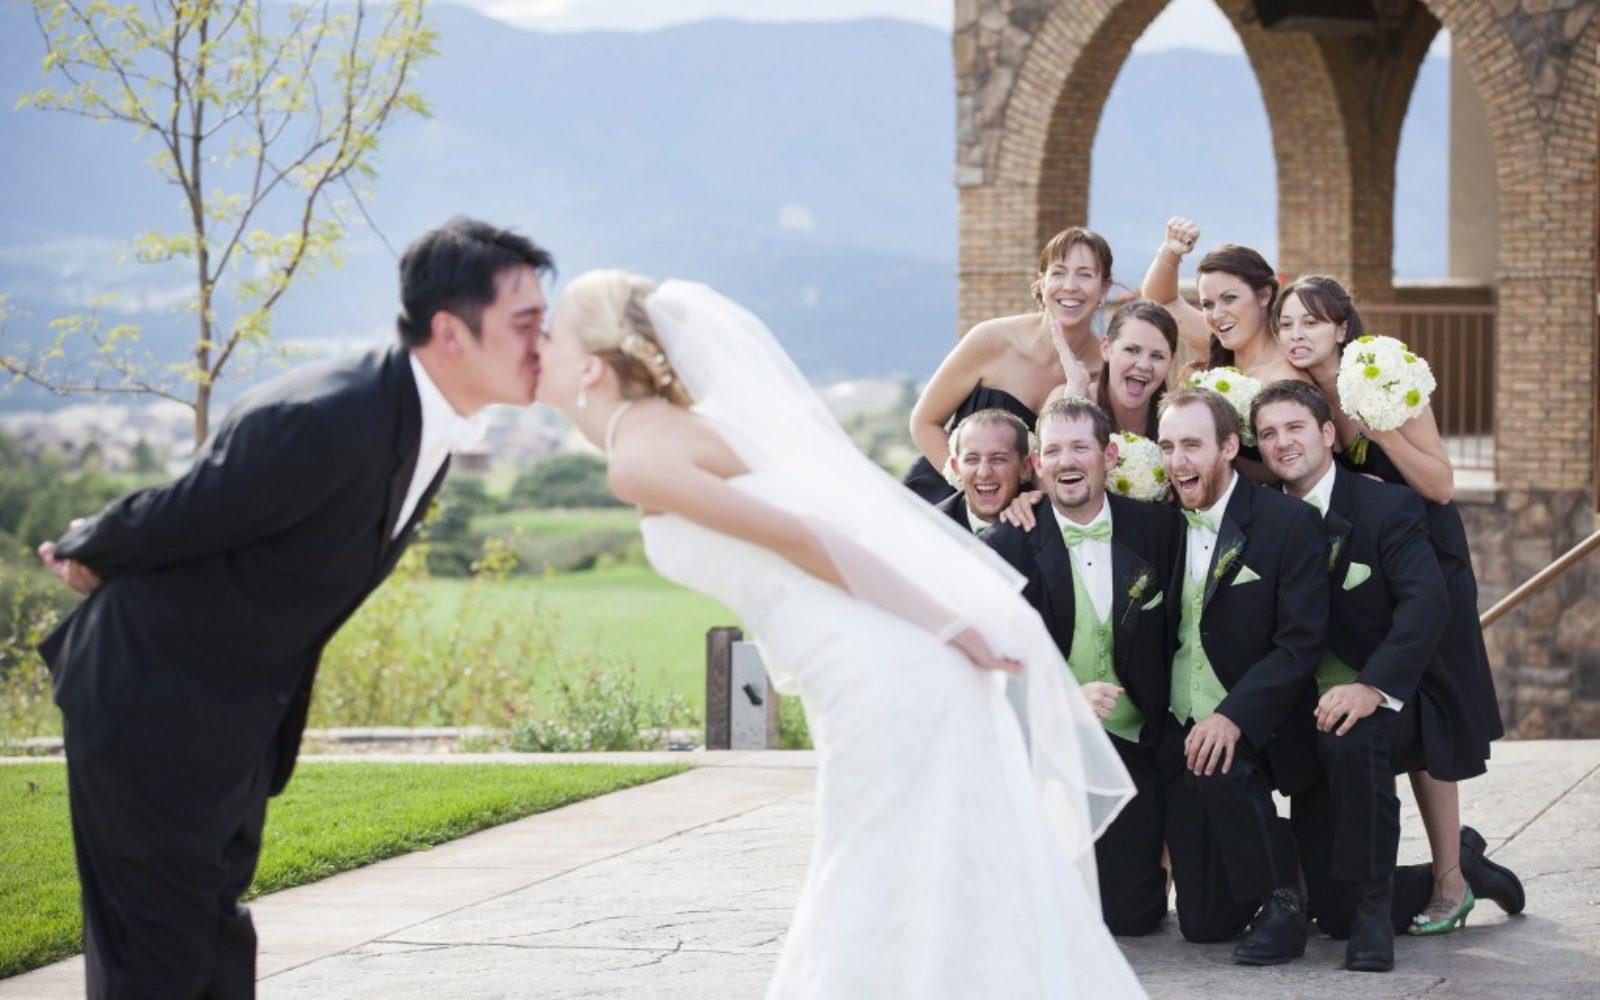 wedding-flyinghorse-1024x640